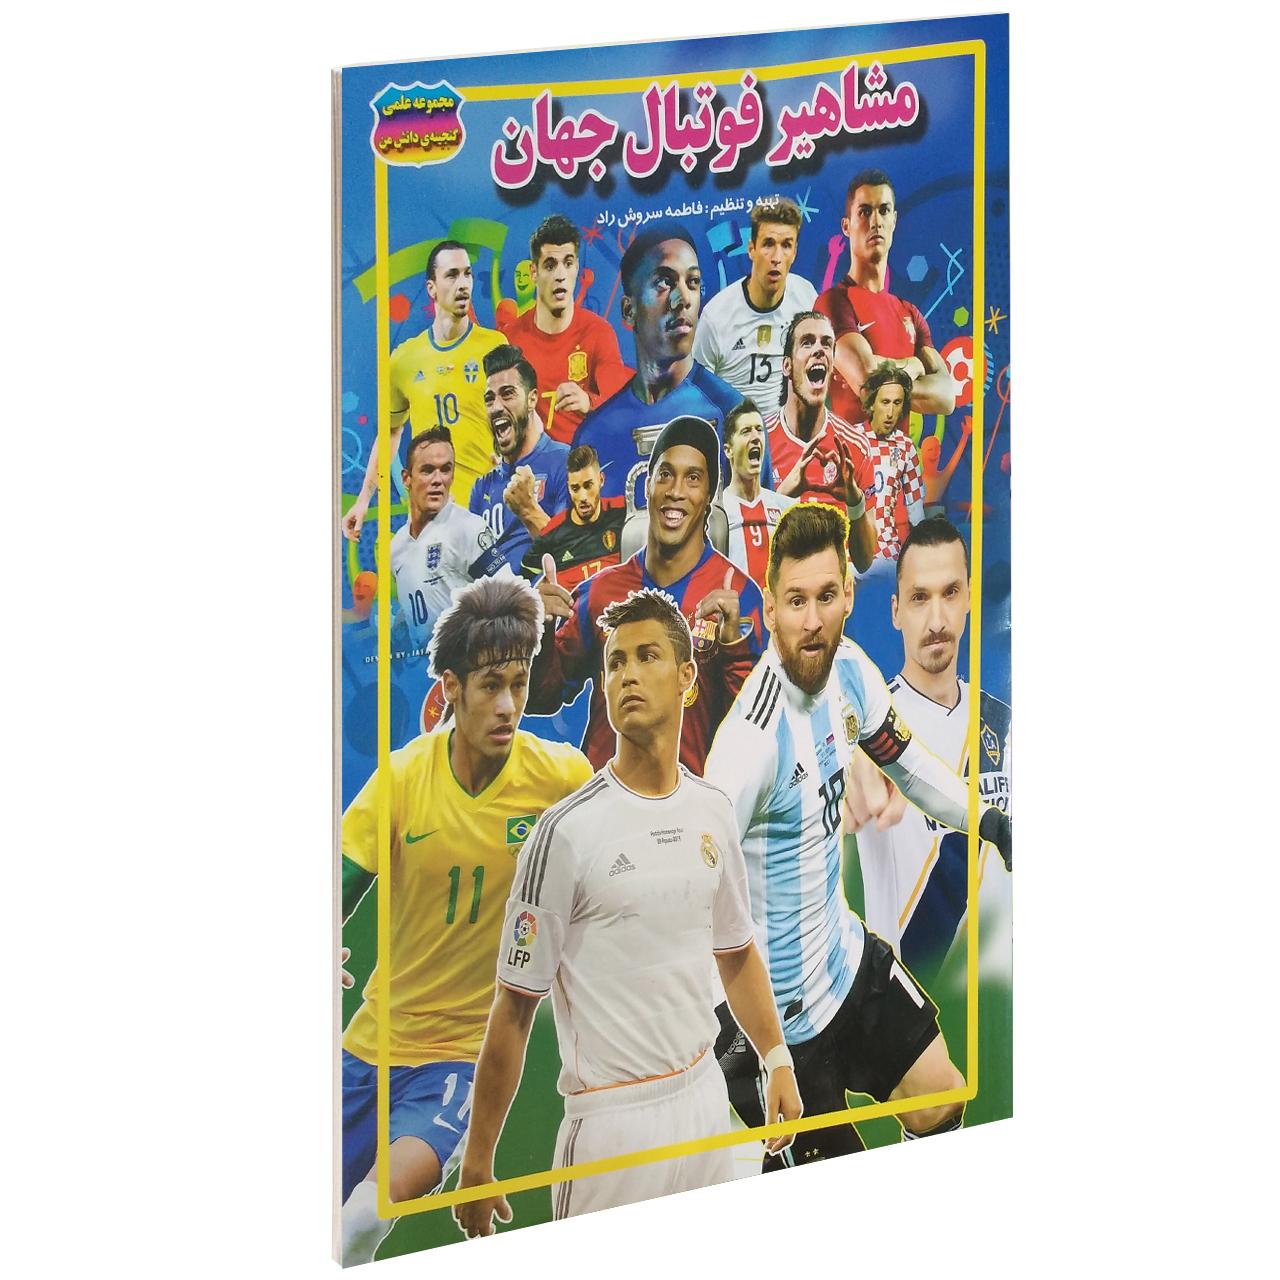 خرید                      کتاب مشاهیر فوتبال جهان اثر فاطمه سروش راد